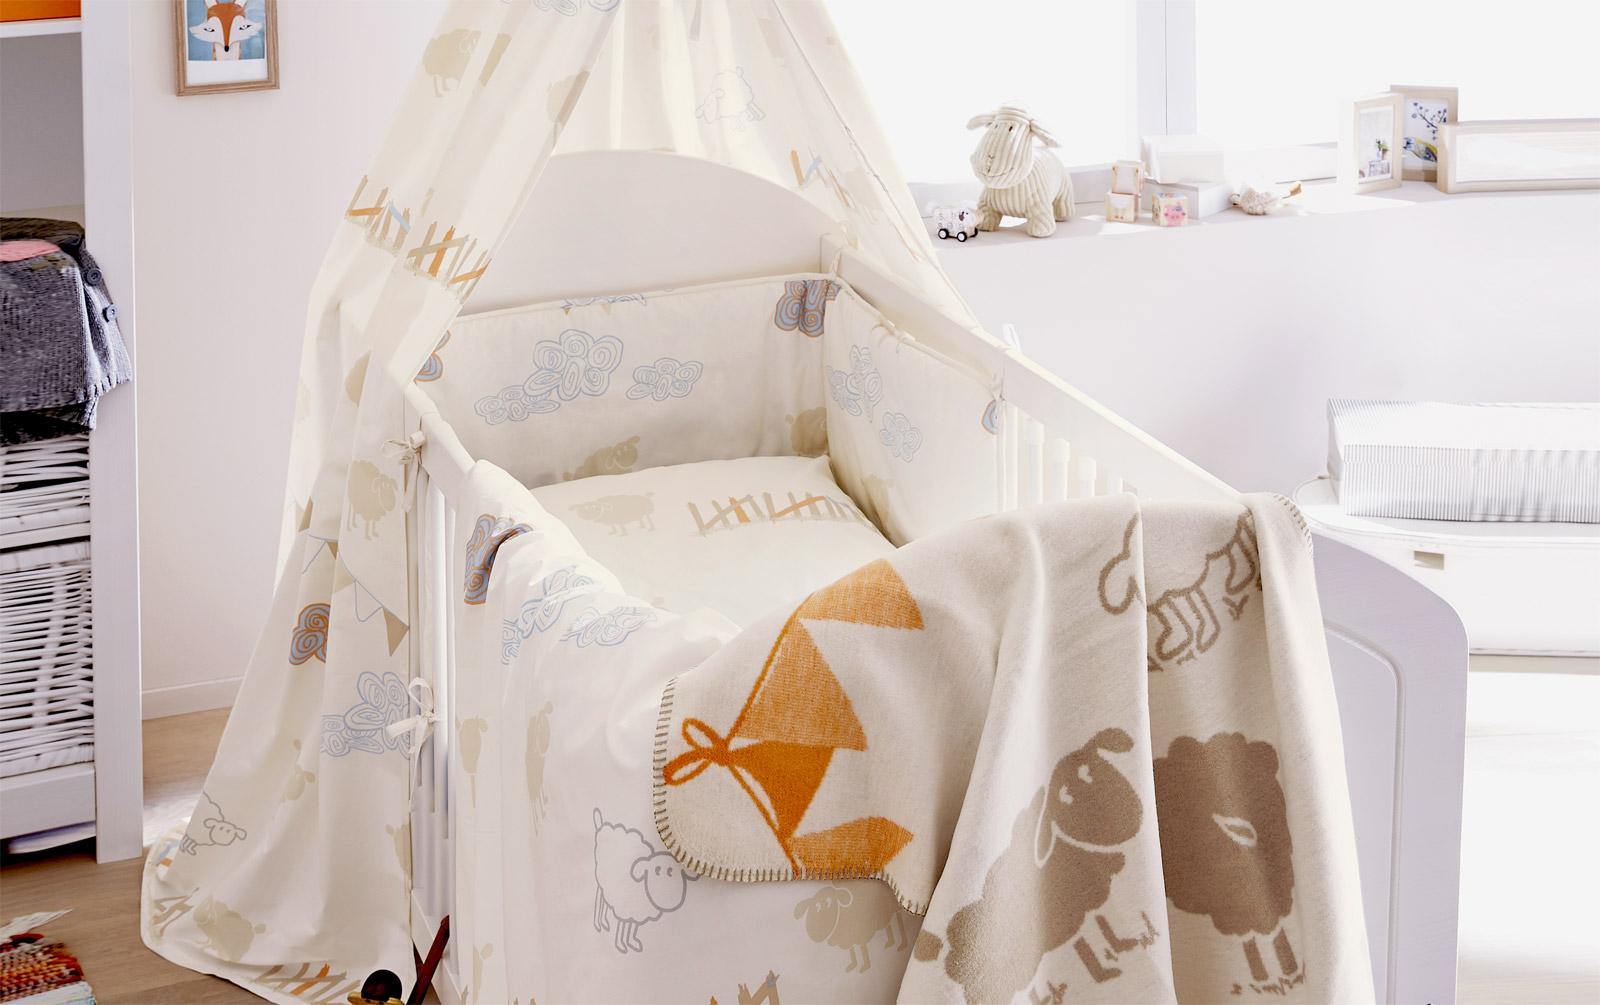 Babybett-Set s.Oliver Traumwelt mit dazu passenden Produkten